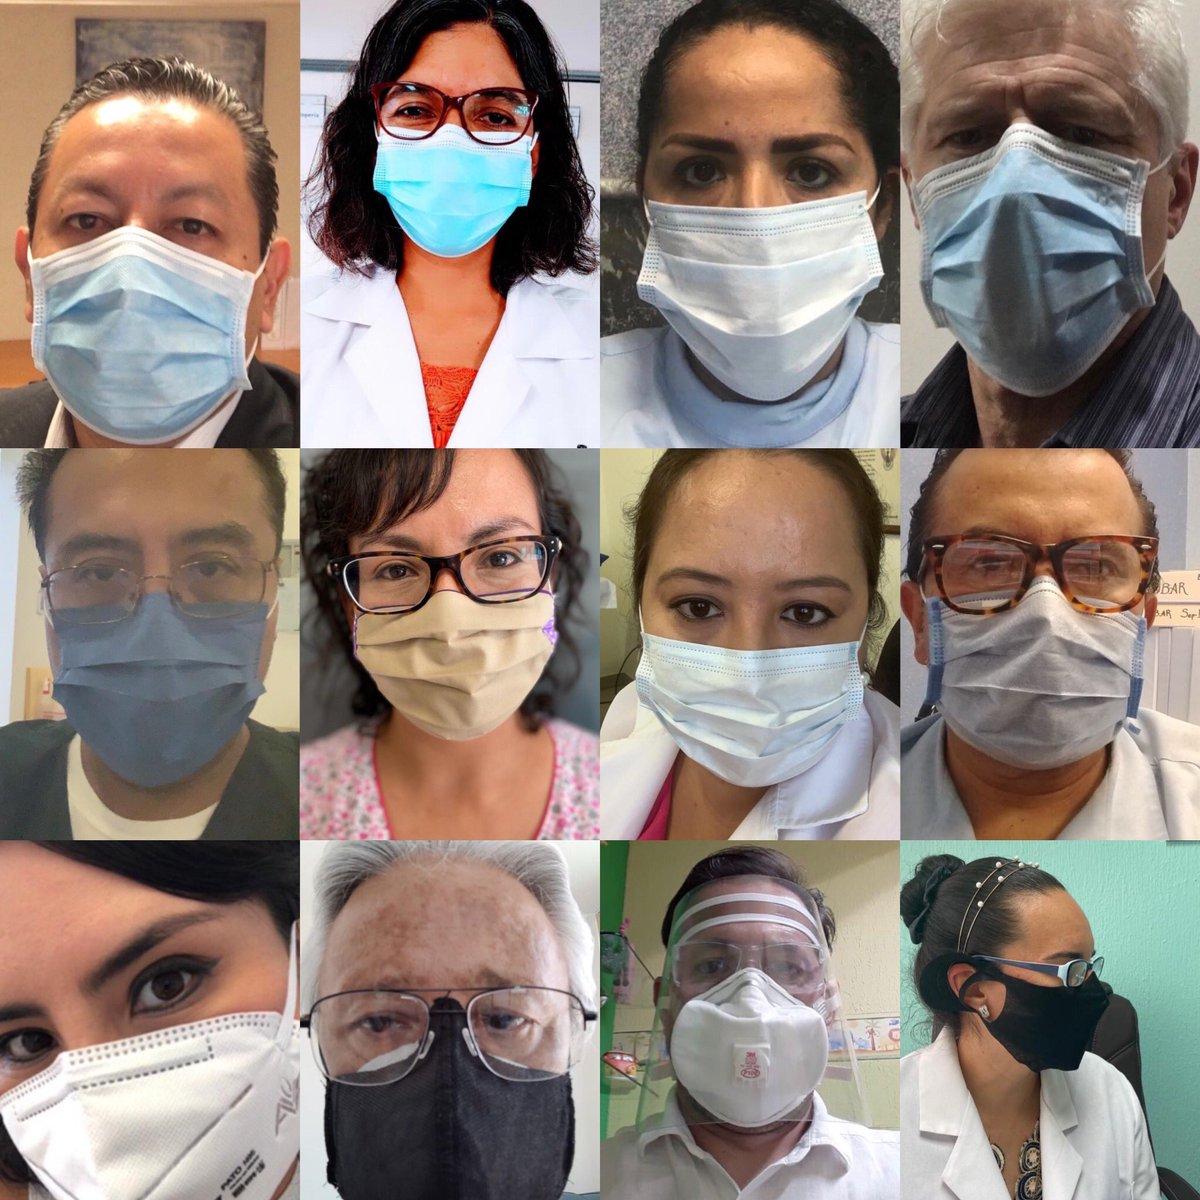 Especialistas en Infectología de Guanajuato te pedimos que uses cubrebocas, ayúdanos a controlar la pandemia de #COVID19 Dale RT y sube tu foto, normalicemos el uso de cubrebocas!!! #UsaCubrebocas #WearMasks https://t.co/OFDETNof1J